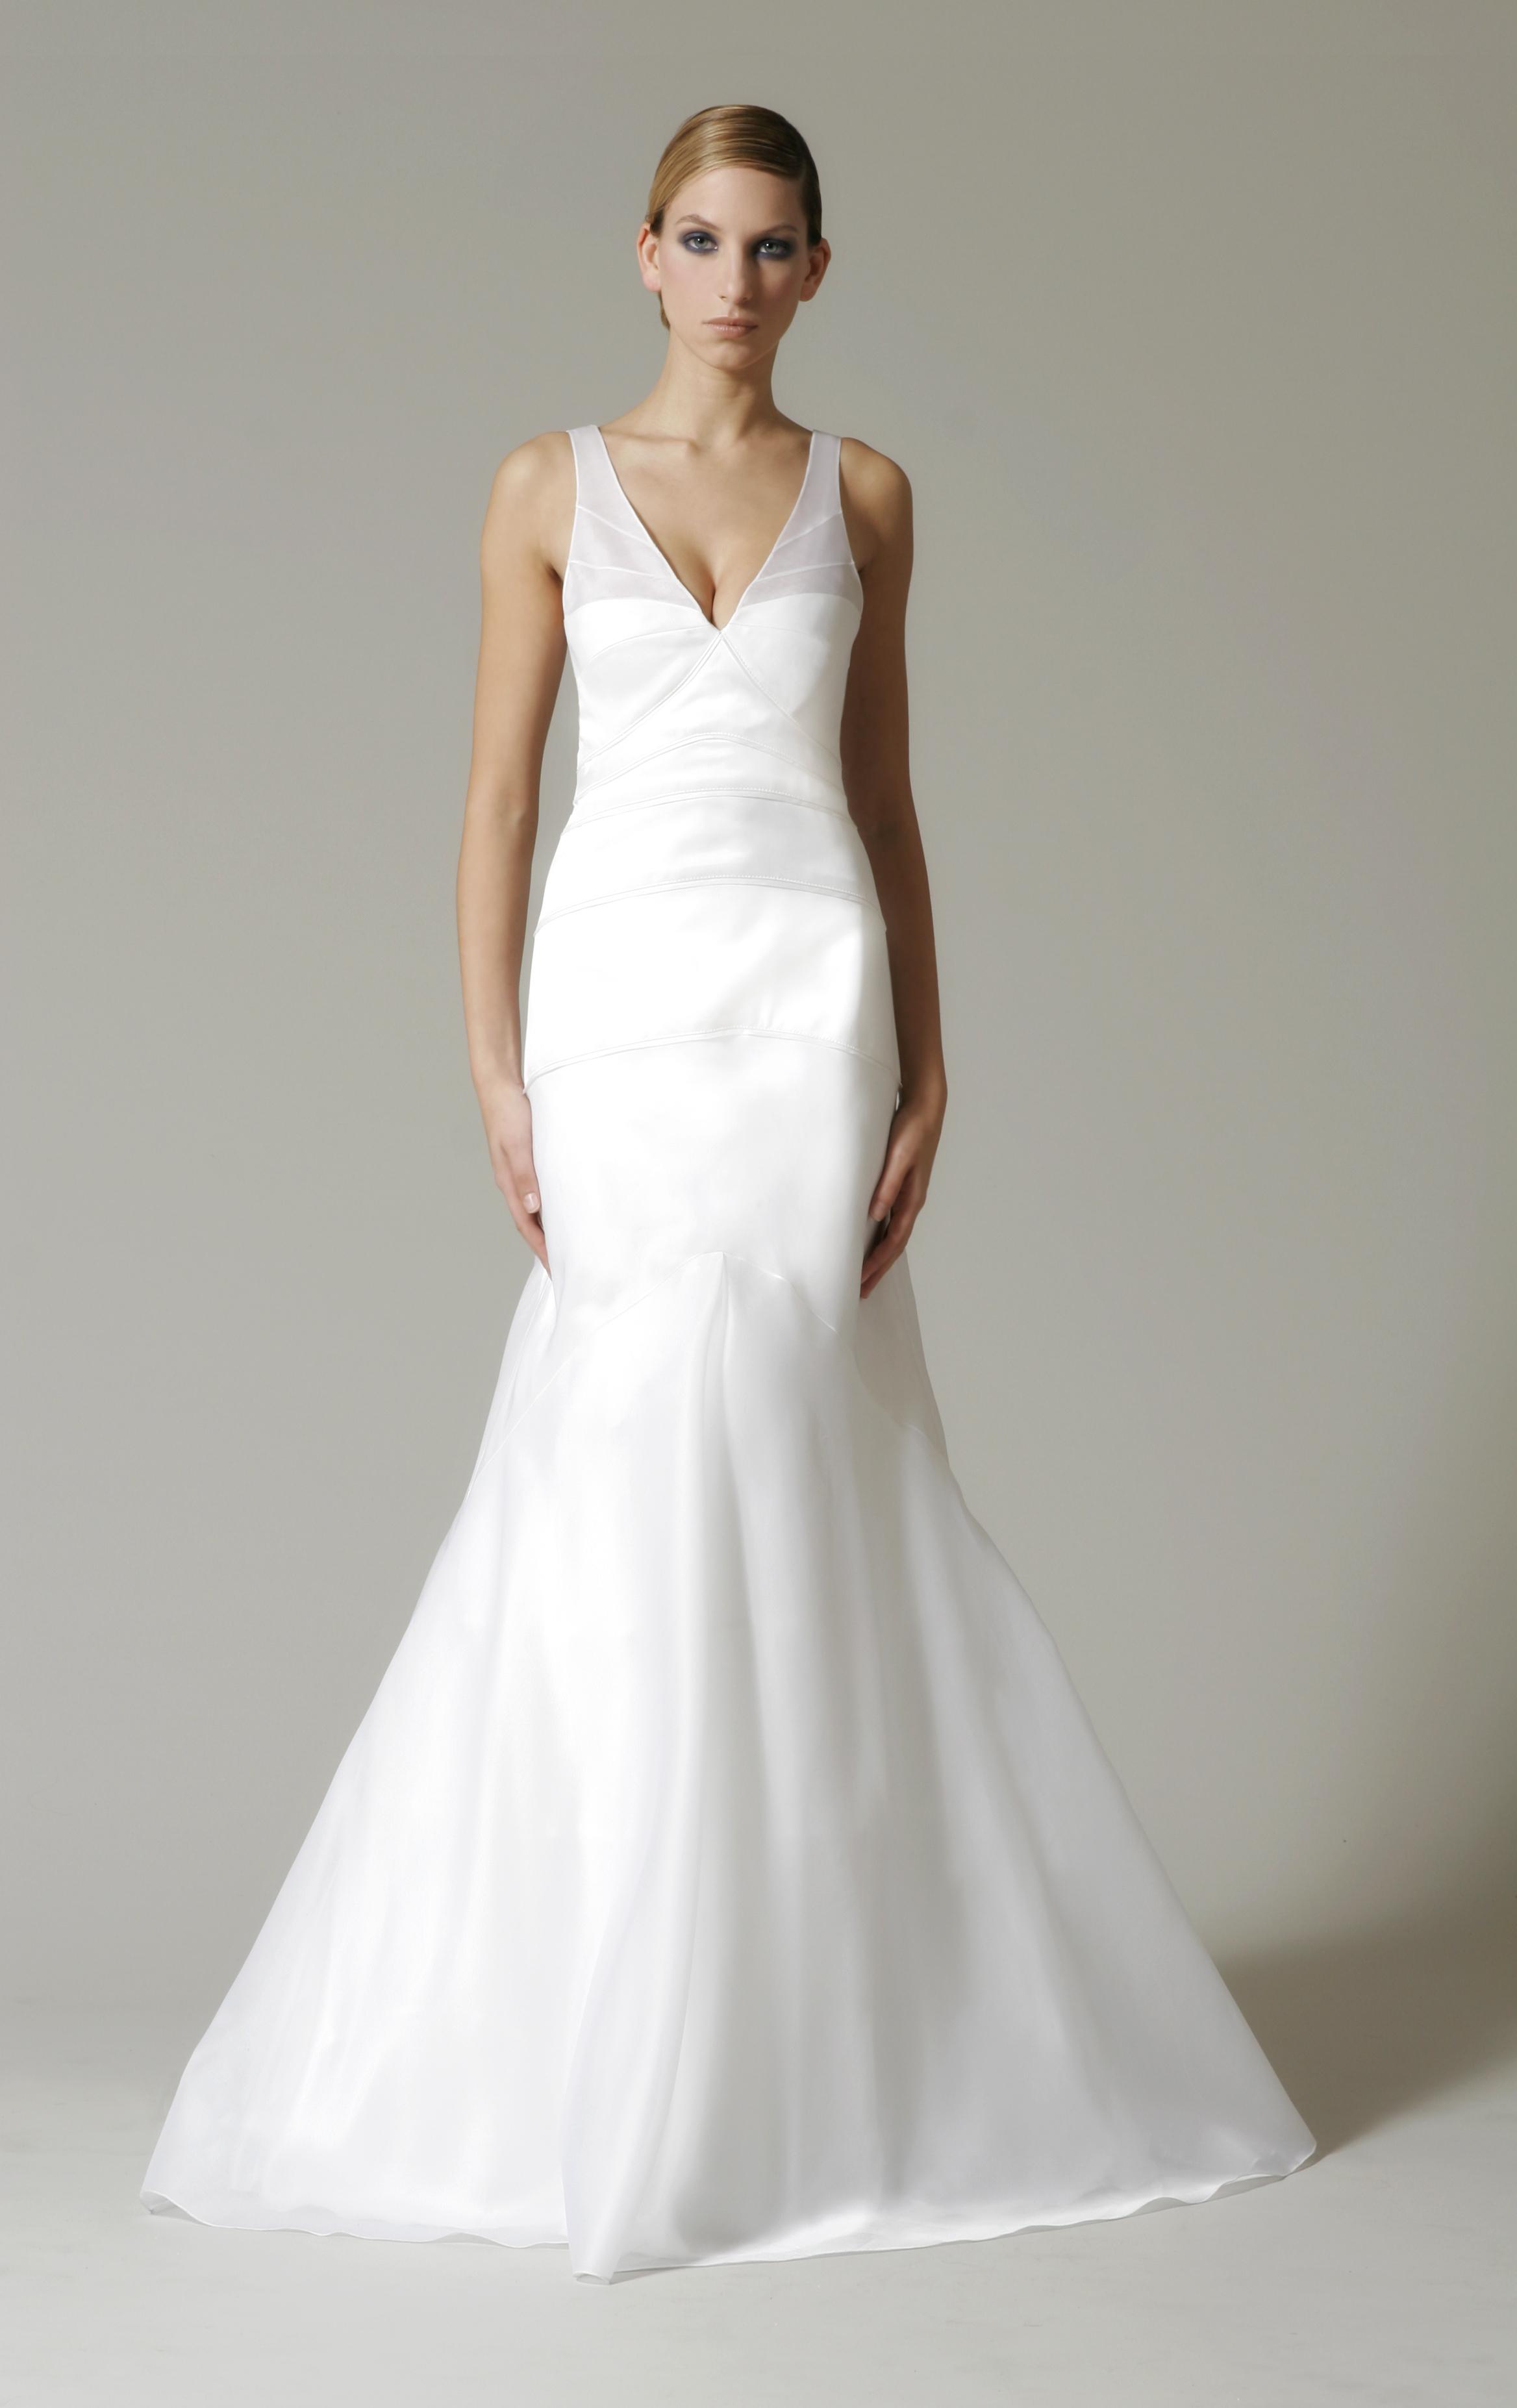 Selia Yang bridal couture designer